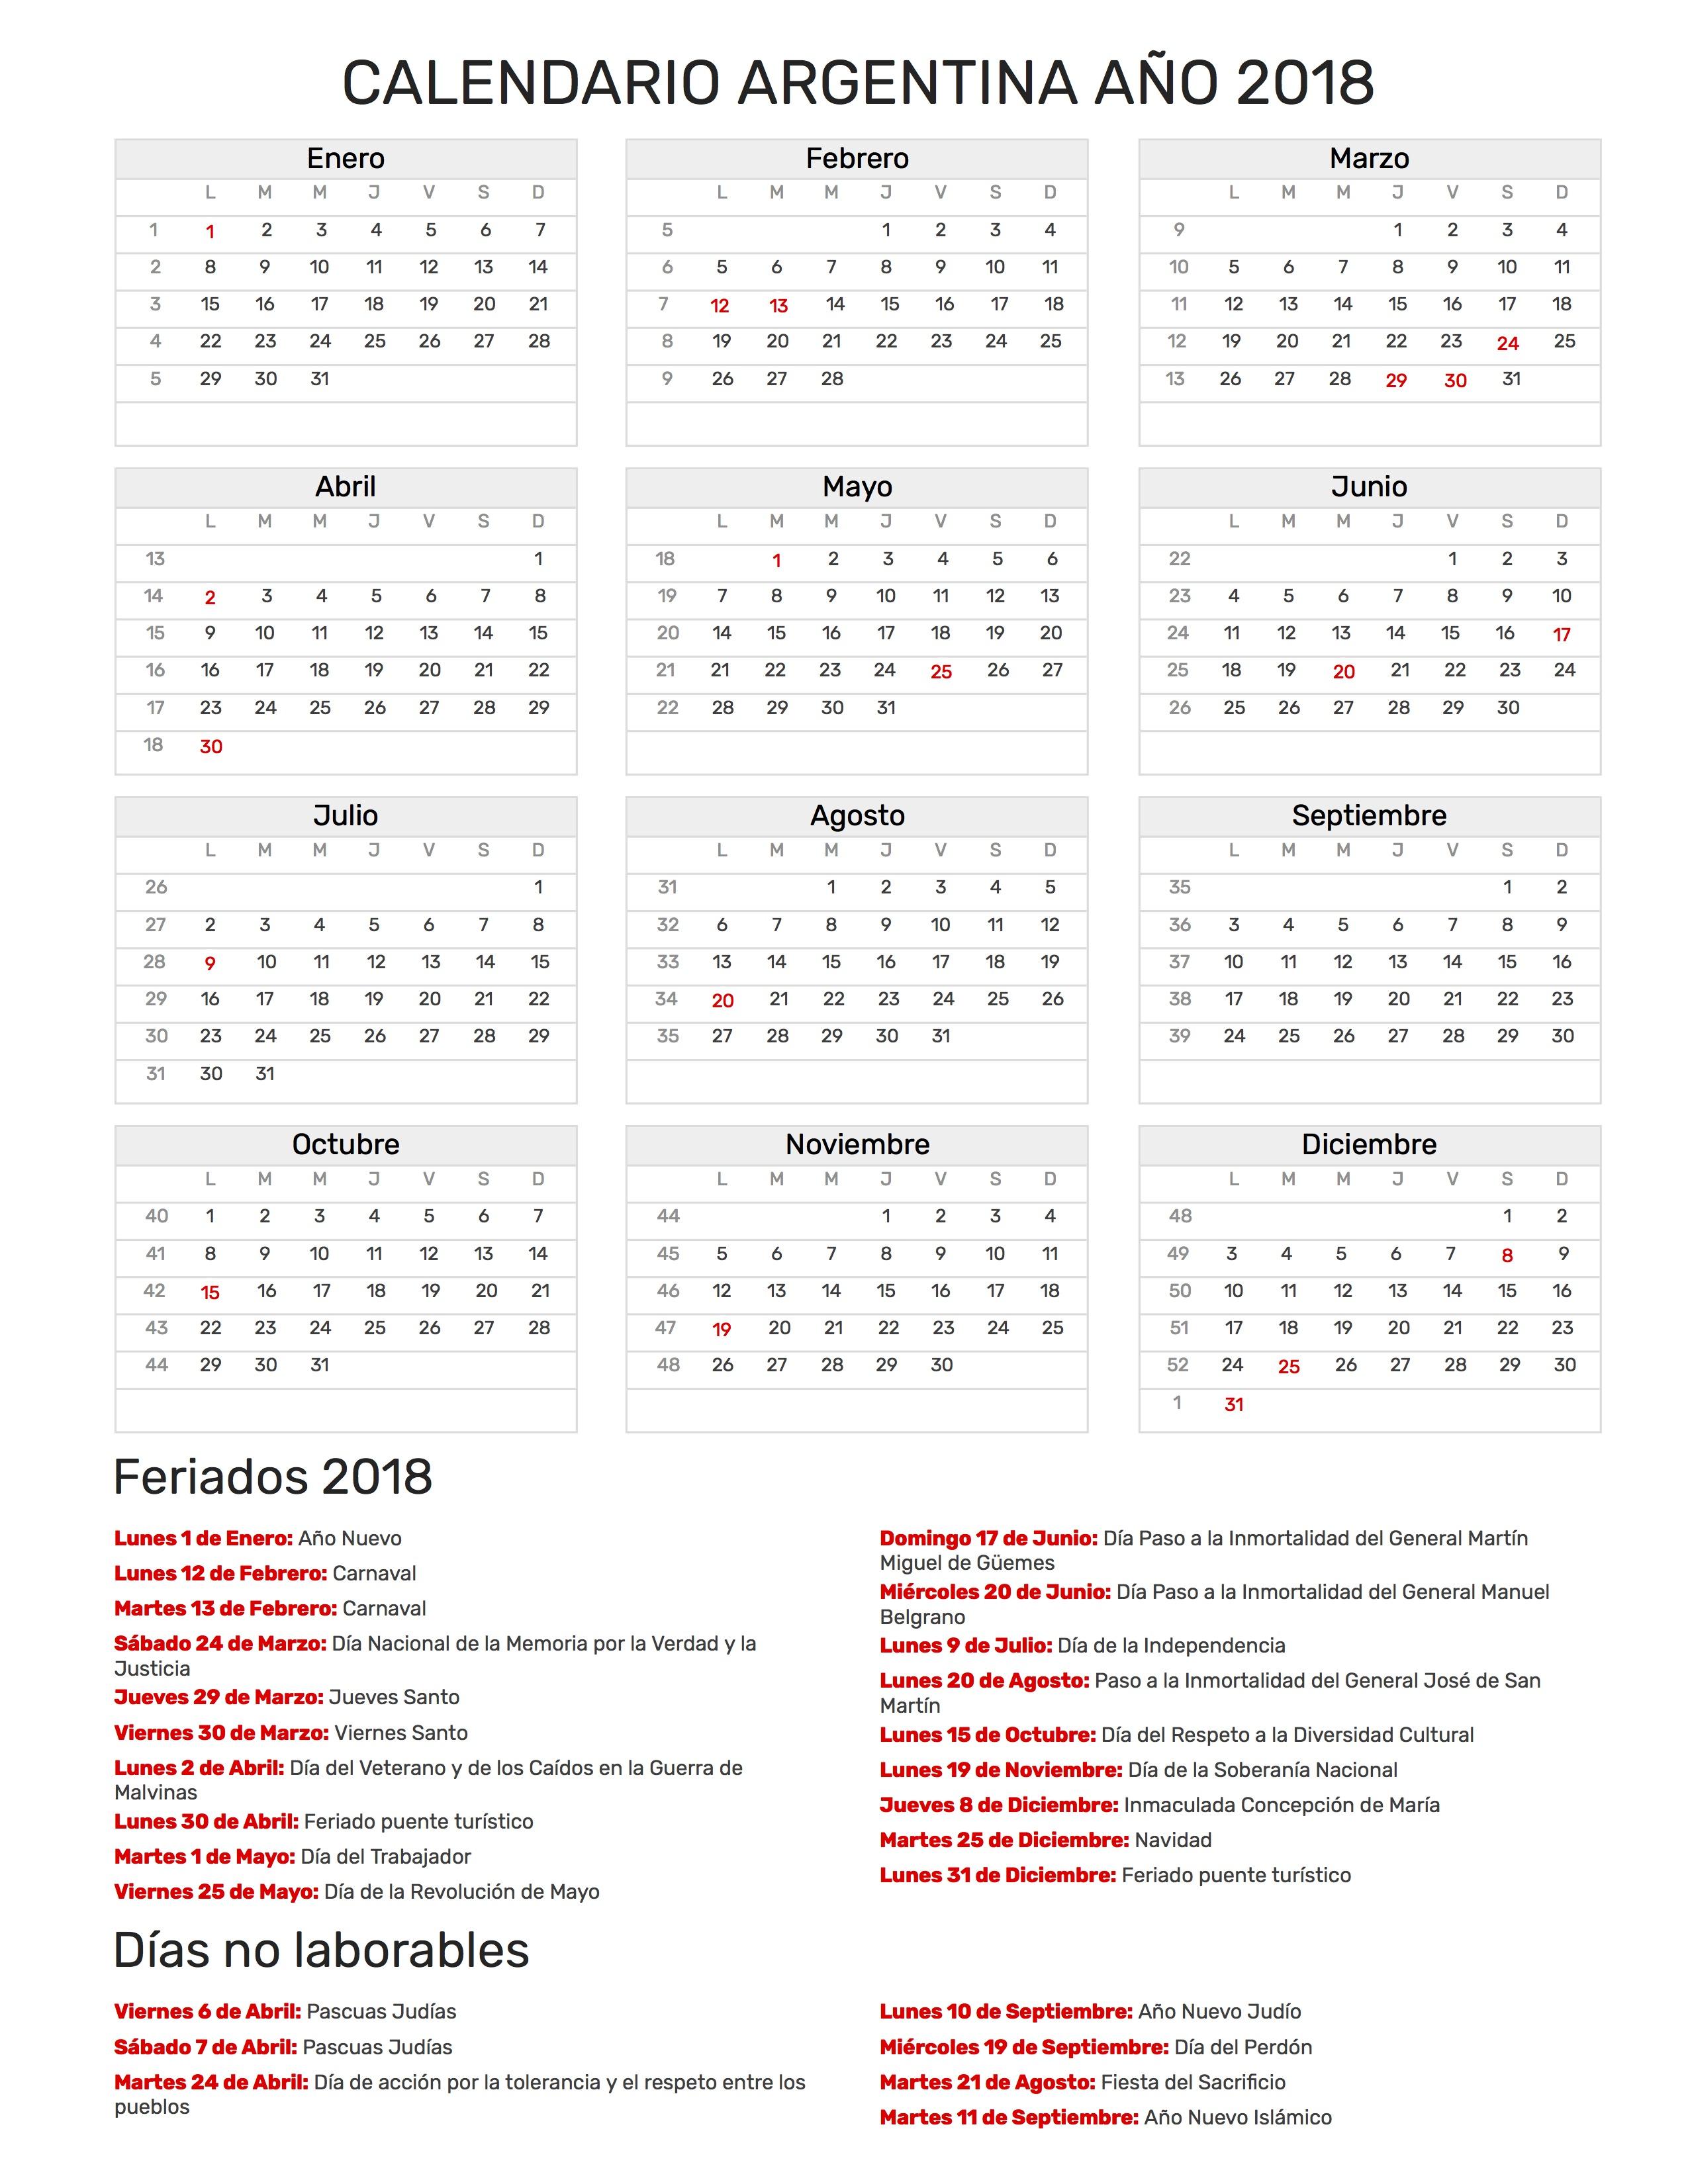 Calendario Marzo 2020 Argentina Para Imprimir.Calendario De Argentina Ano 2018 Feriados